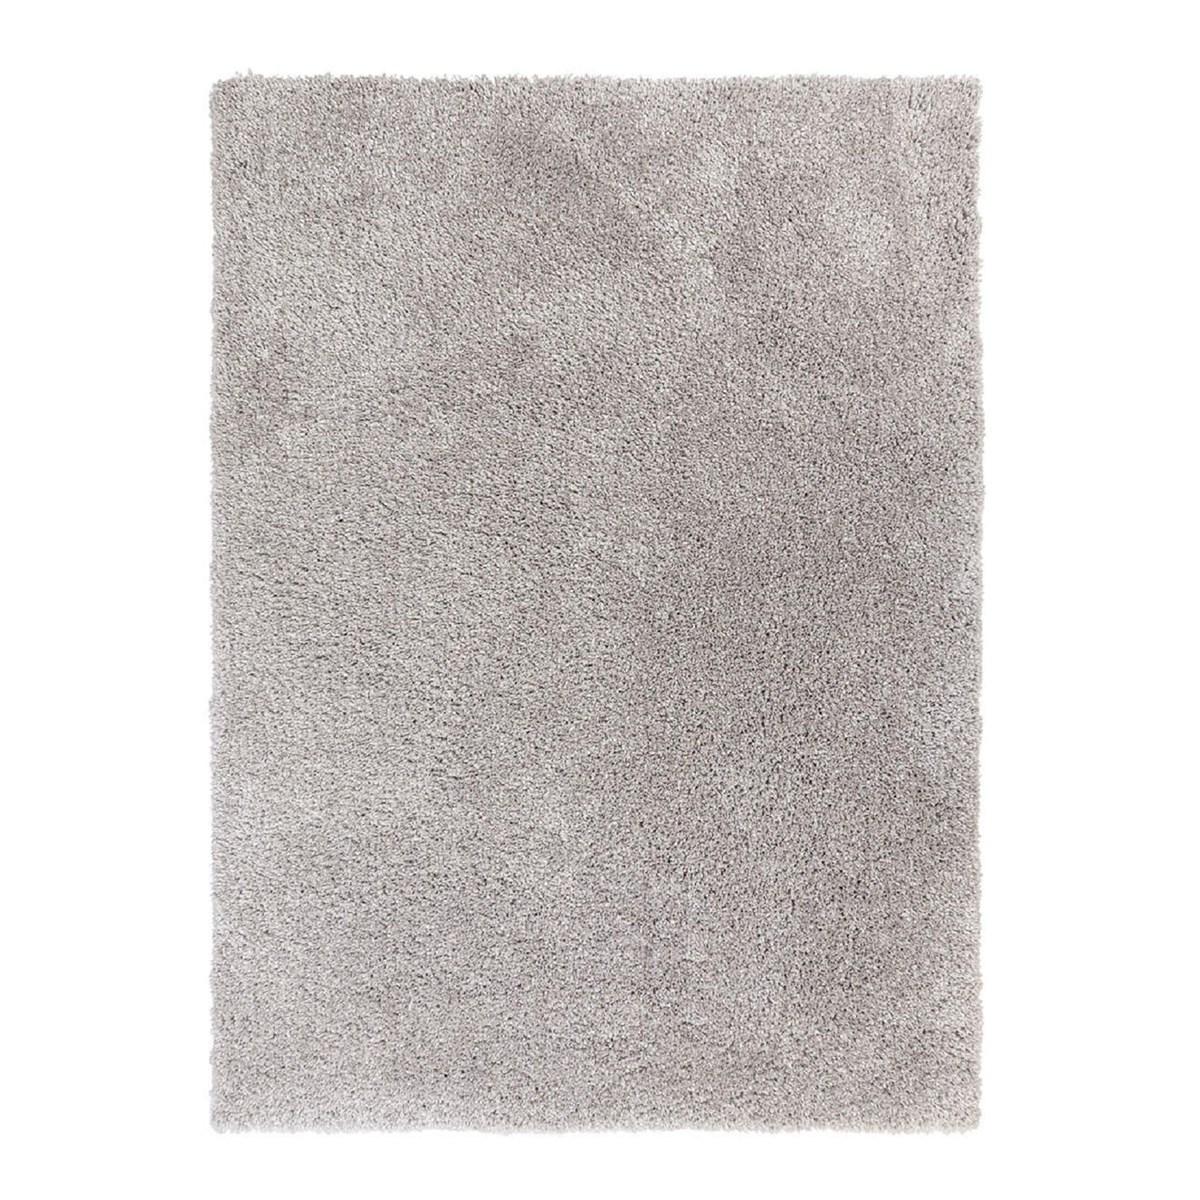 Tapis shaggy en Polyester Argent 160x230 cm